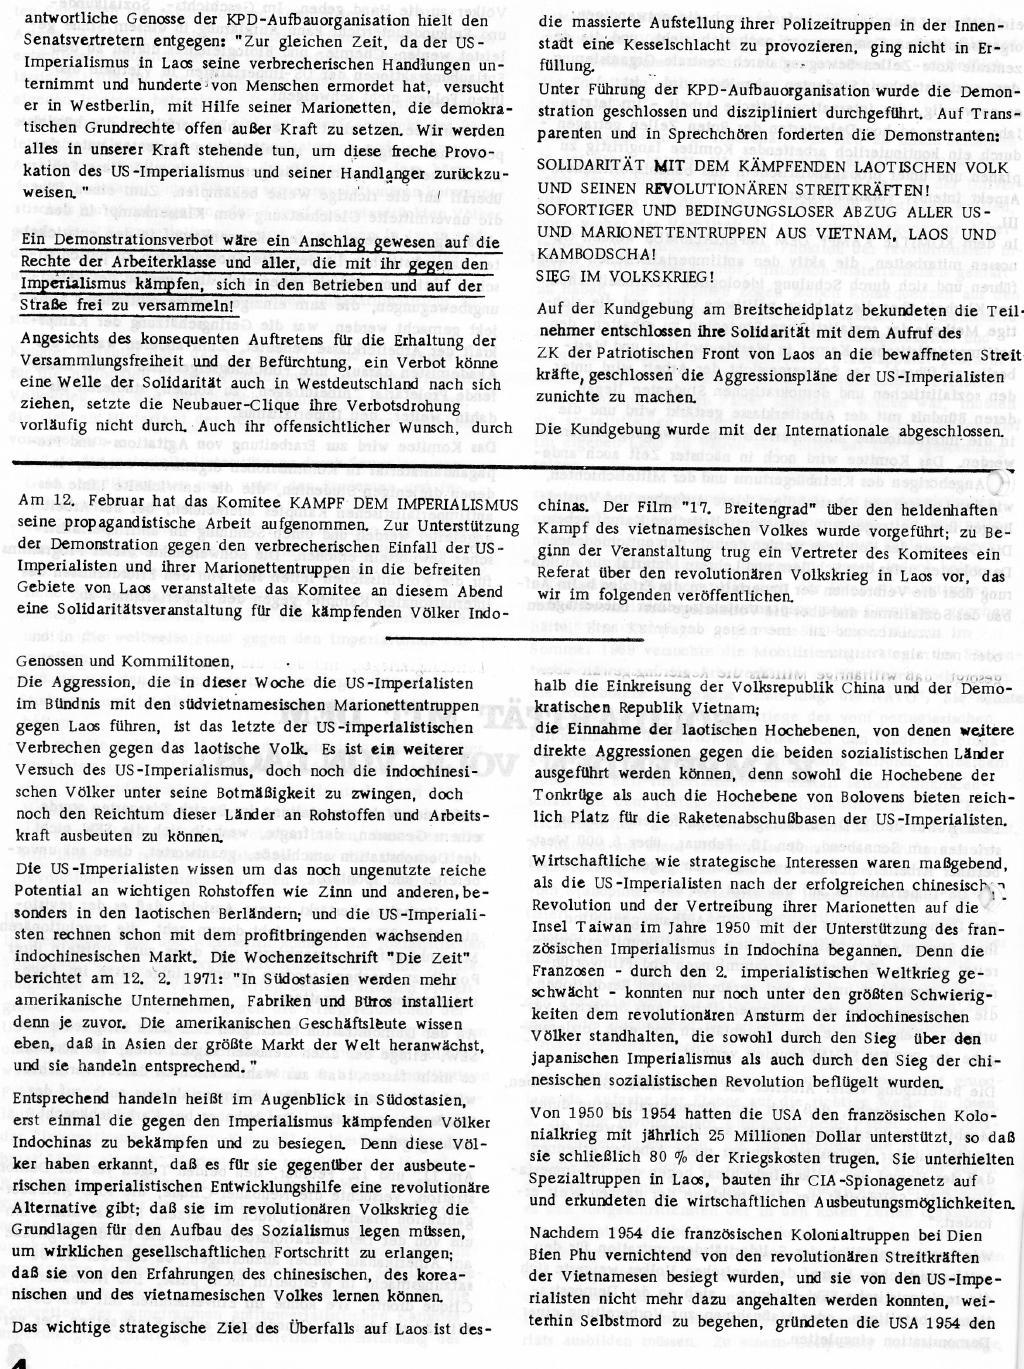 RPK_1971_103_04